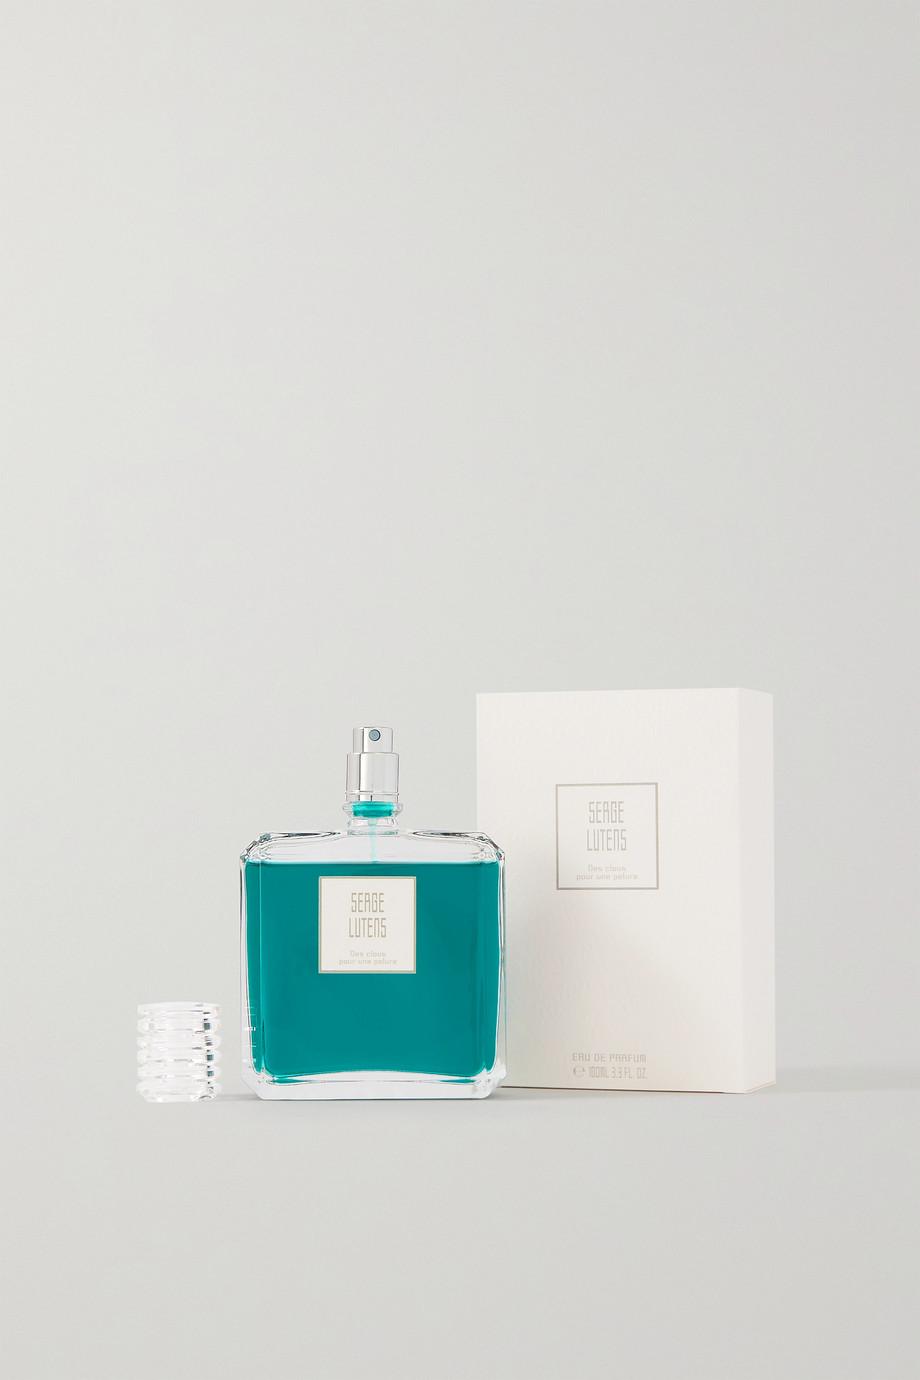 Serge Lutens Des Clous Pour Une Pelure, 100 ml – Eau de Parfum